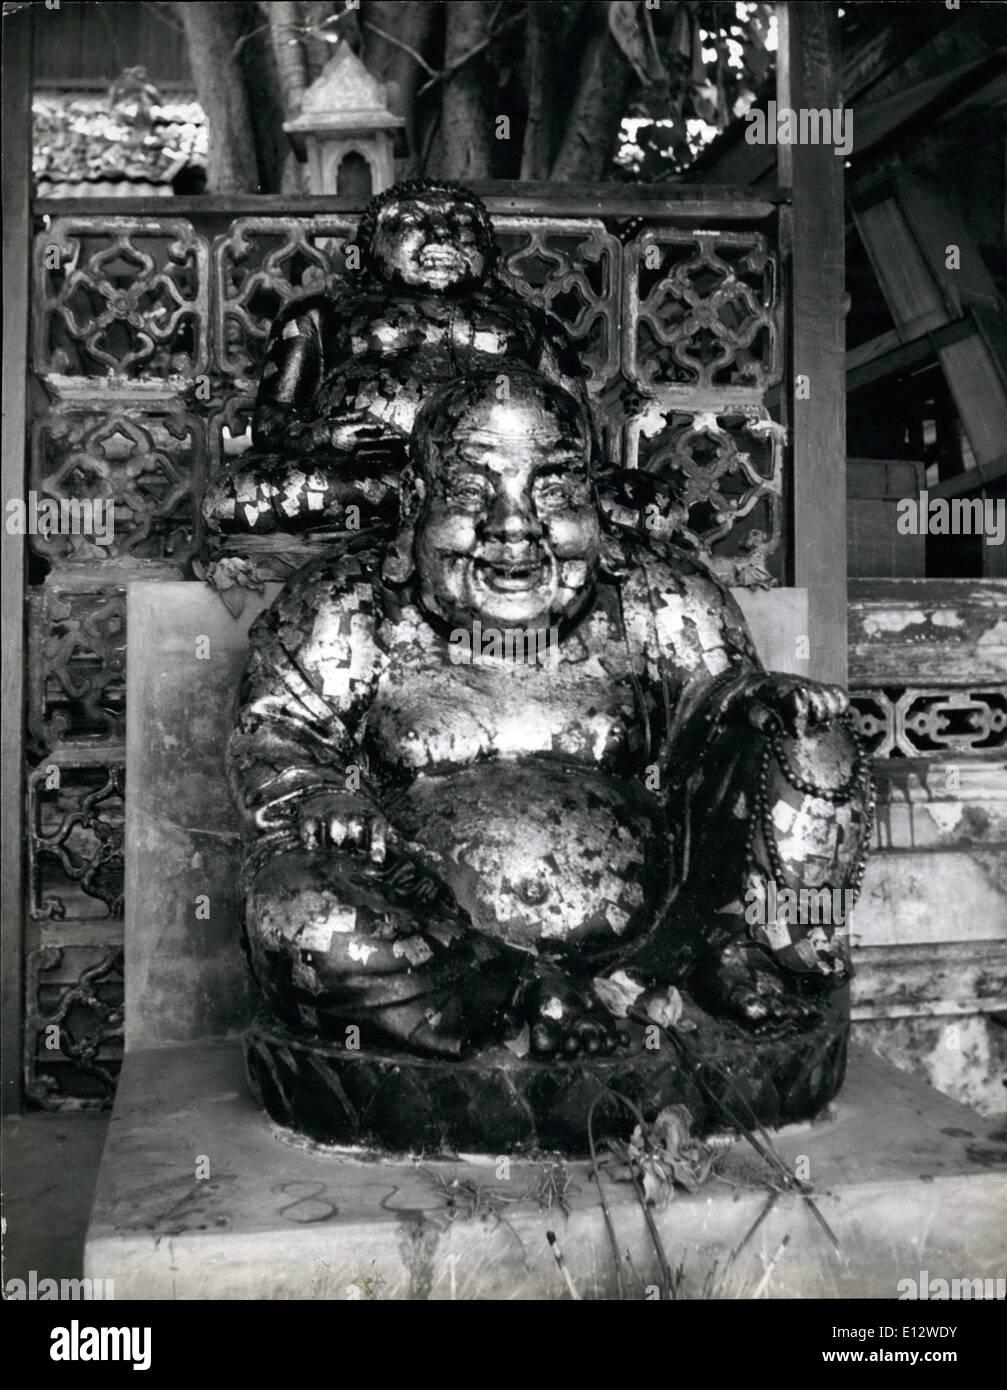 25. Februar 2012 - The Siamese haben eine ständige Suche nach Glück: charmante Thailander sind große Gläubige Charms: Obwohl der Buddhismus ist Staatsreligion von Thailand, es verhindert, dass viele einzigartige Funktionen, die es von Buddishm in anderen Ländern unterscheiden. Seltsamerweise sind die meisten Bräuche und Zeremonien, die mit ihr verbundenen Hindu oder chinesischen Ursprungs. Herausragendste Merkmal ist das ewige suchen als Glücksbringer, die die Leben von Millionen von Siam dominiert. Buddha verurteilt Wahrsagerei, und seine Philosophie macht keine Bestimmung für diejenigen, die etwas für nichts zu erwarten Stockbild